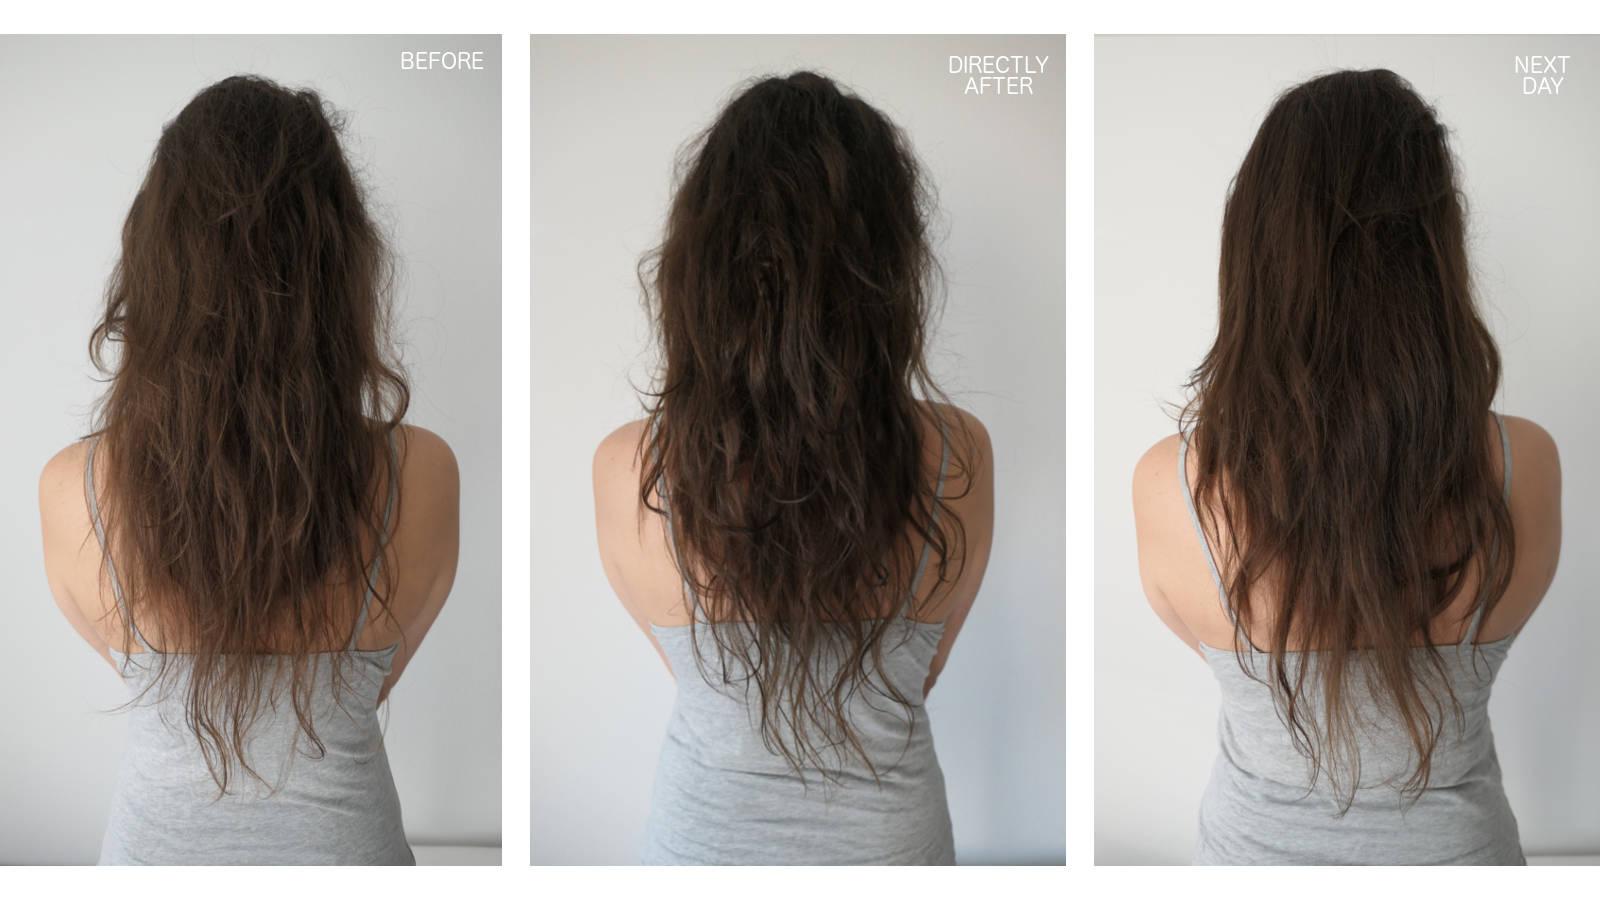 Should You Try Organic HairDye